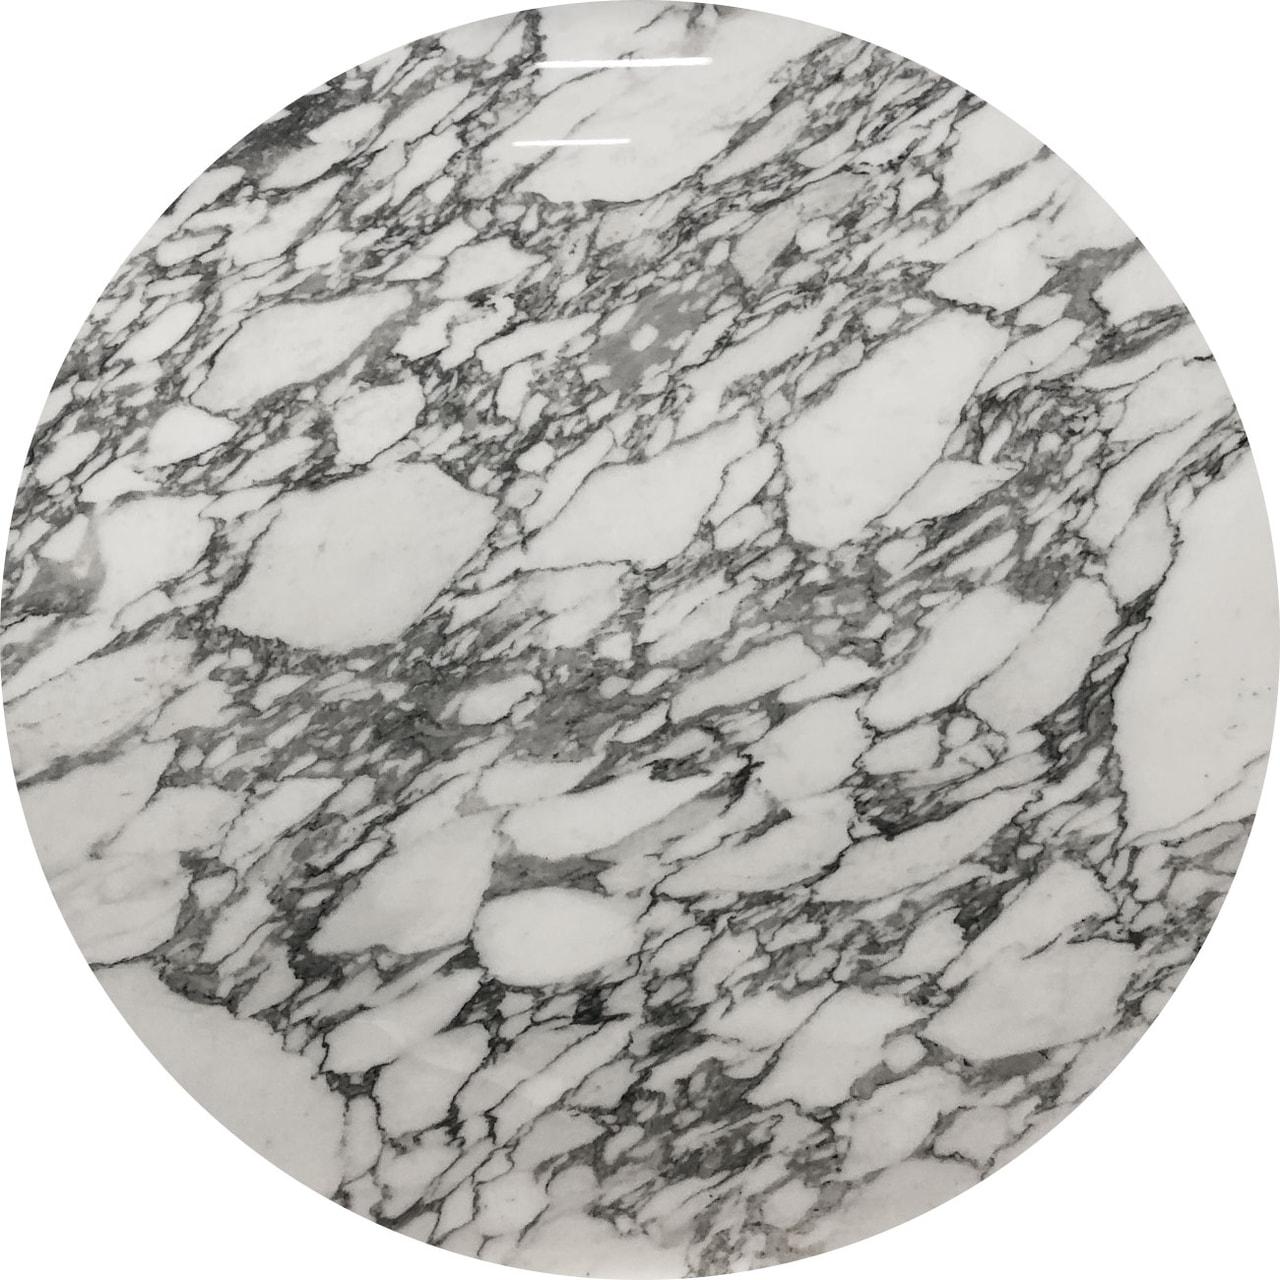 Saarinen Collection Round Tables(サーリネンテーブル)Φ1370mm アラベスカート 164TRMA2 (016)